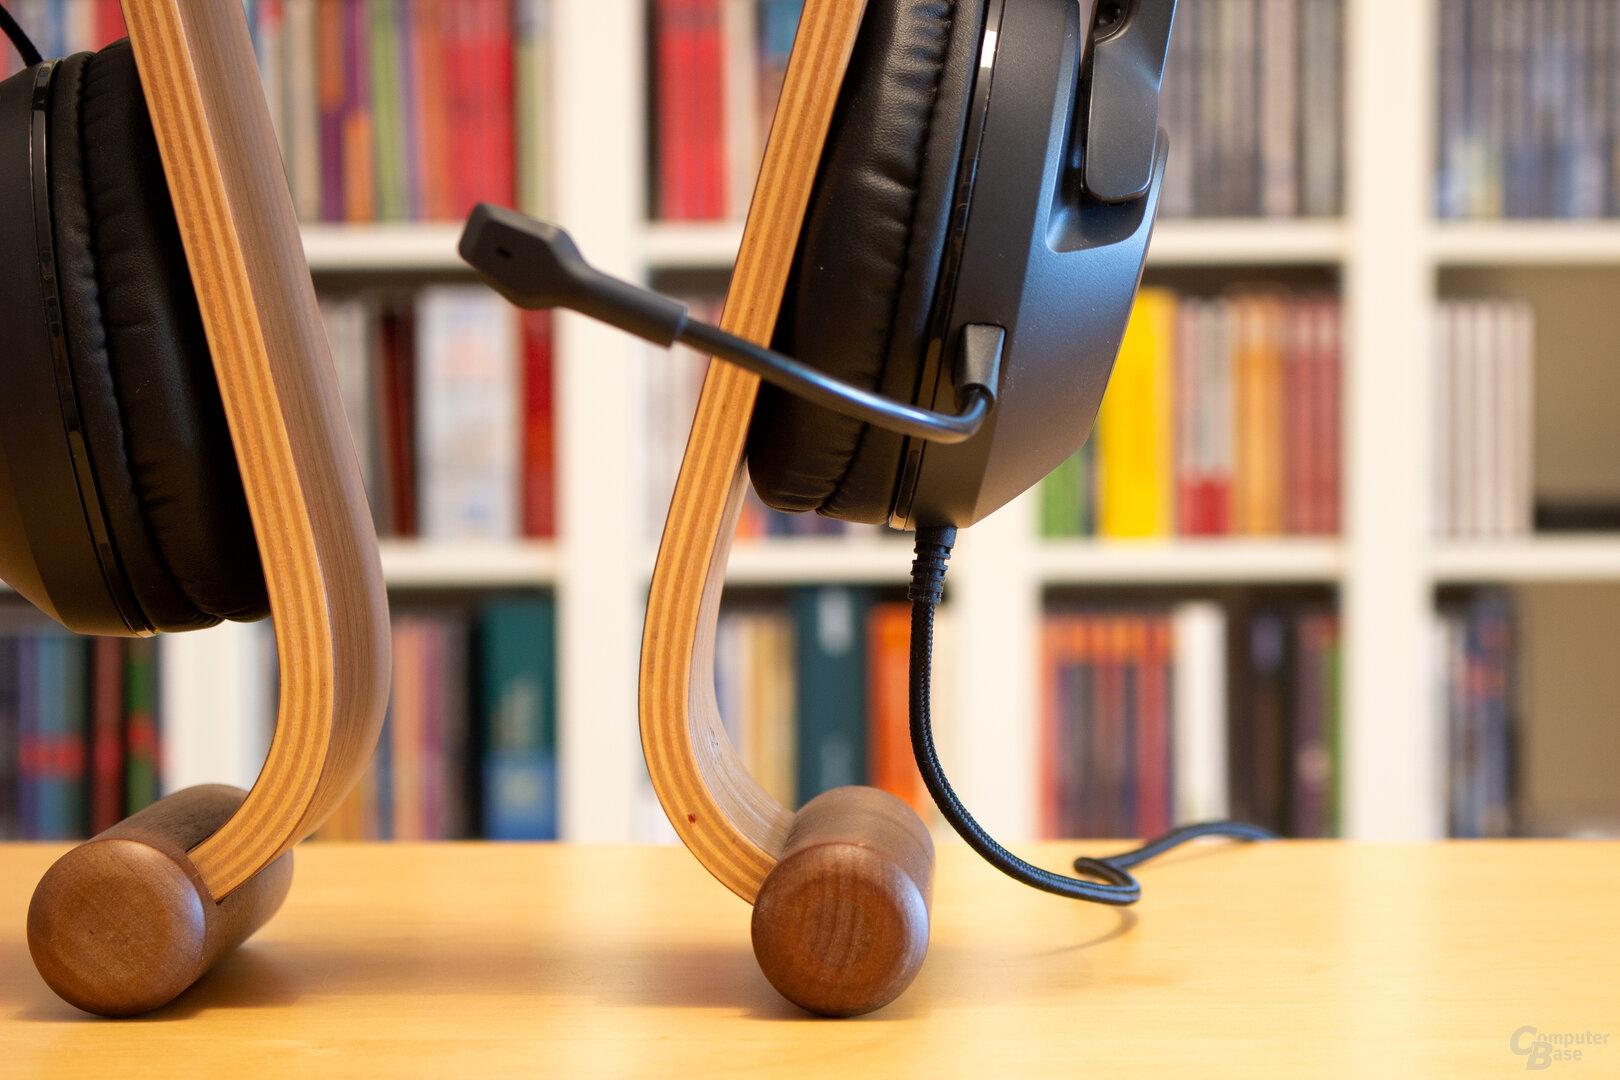 Die Kabel sind beim ELO Stereo X und ELO 7.1 USB fest angebracht